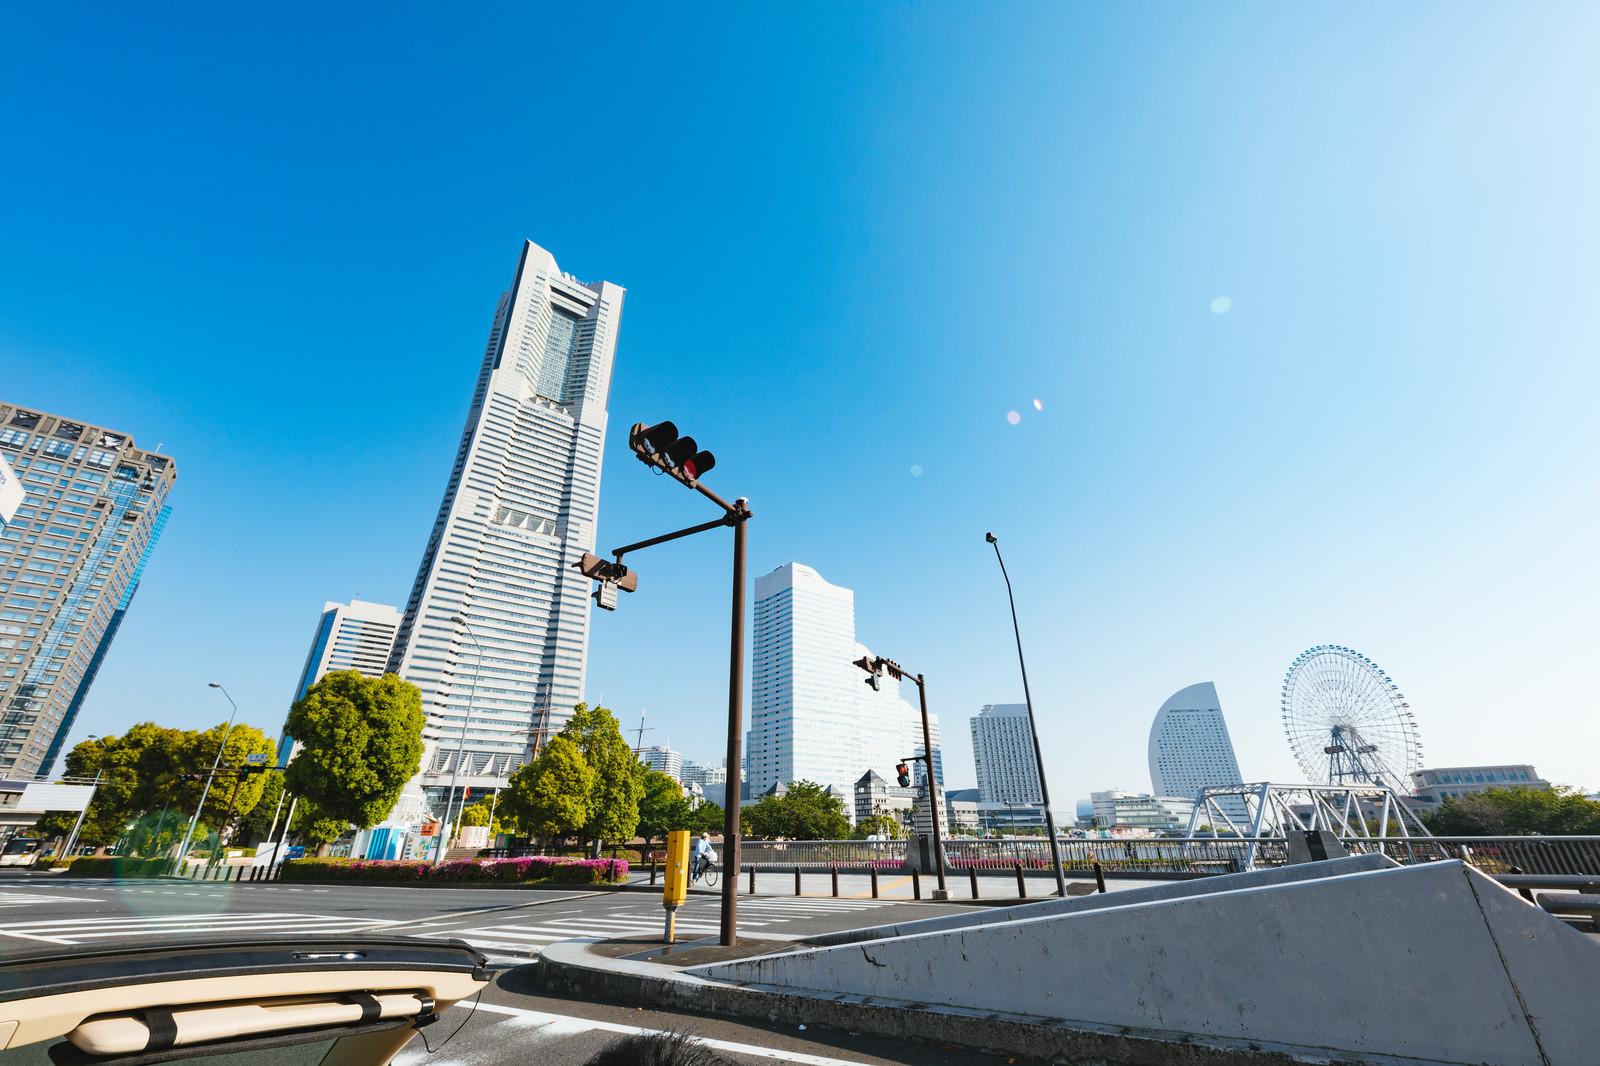 「ランドマークタワーを一望しながらオープンカーで走行中」の写真